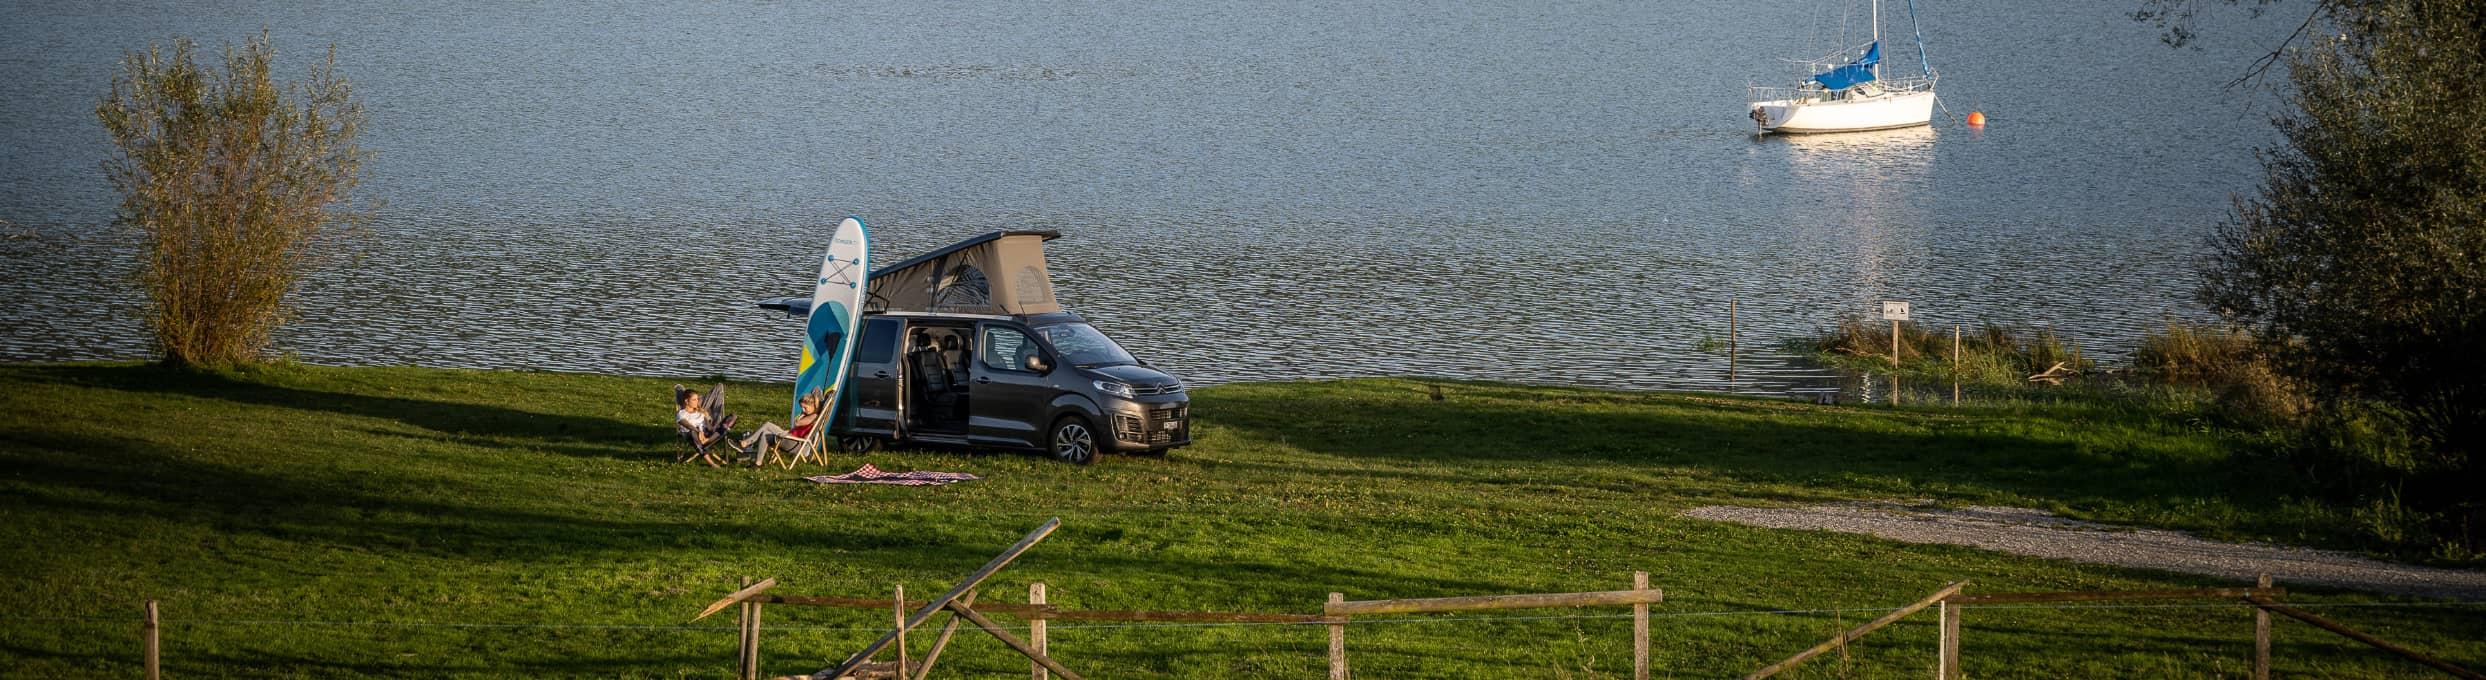 Yellowcamper Citroën Spacetourer Camper